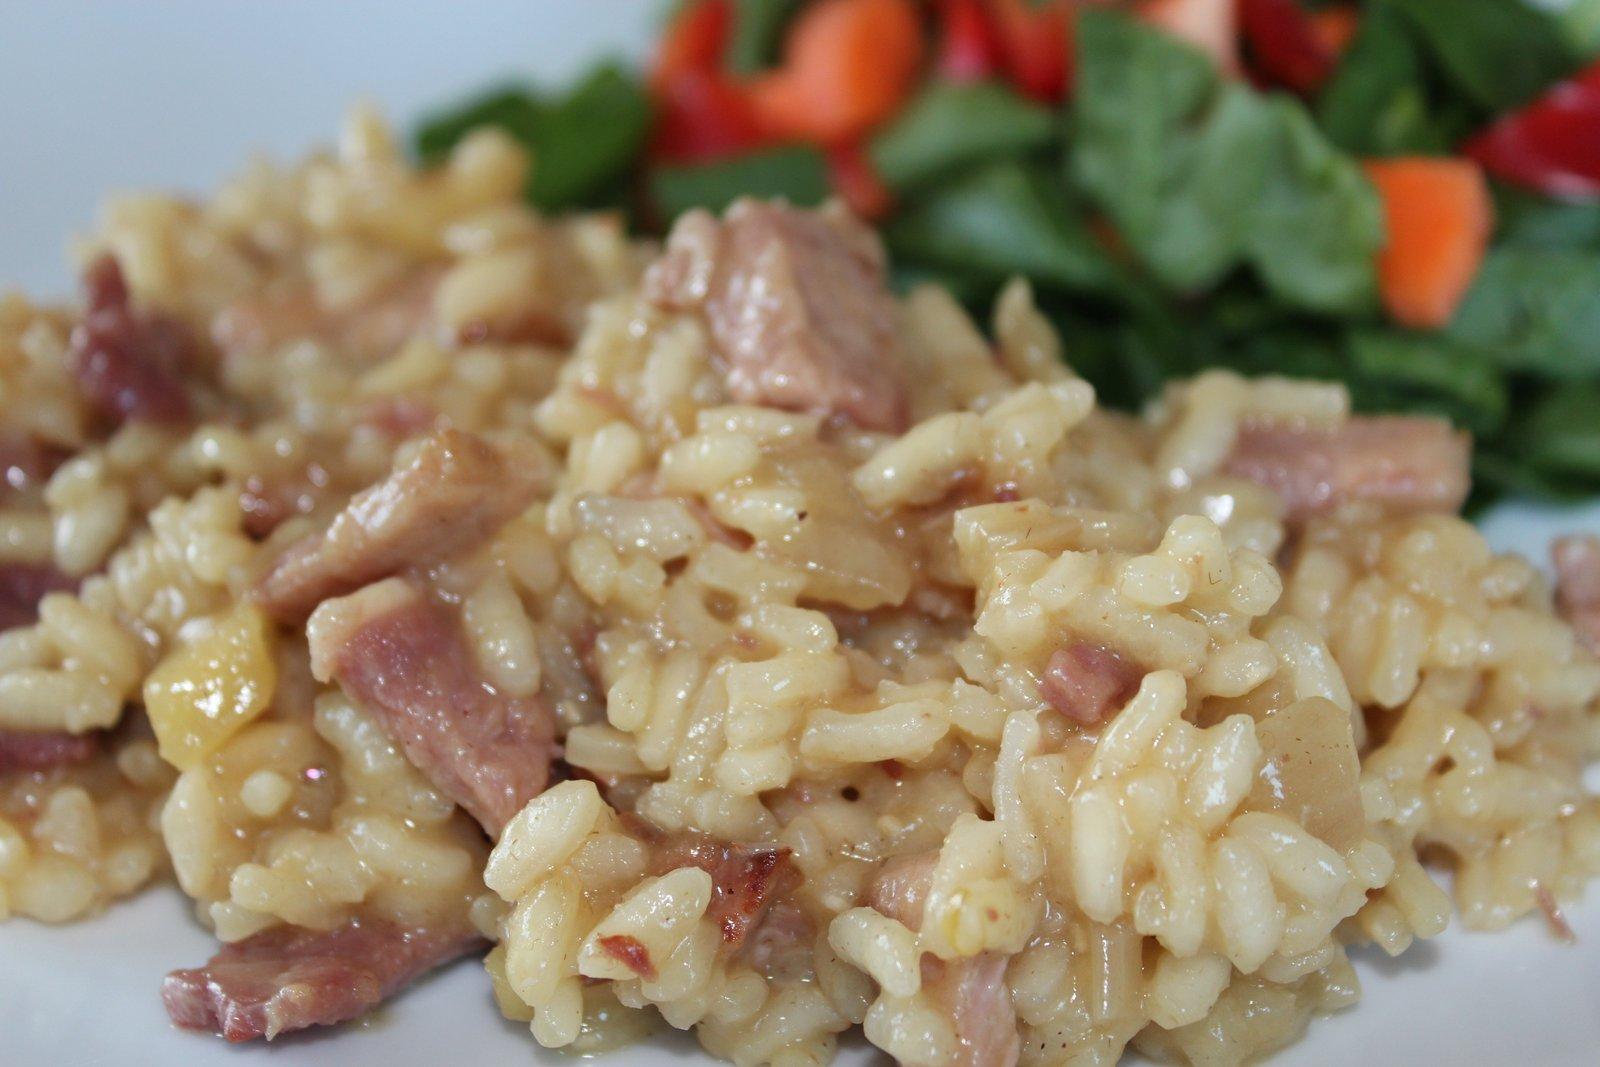 media hora para cocinar risotto al microondas On cocinar risotto